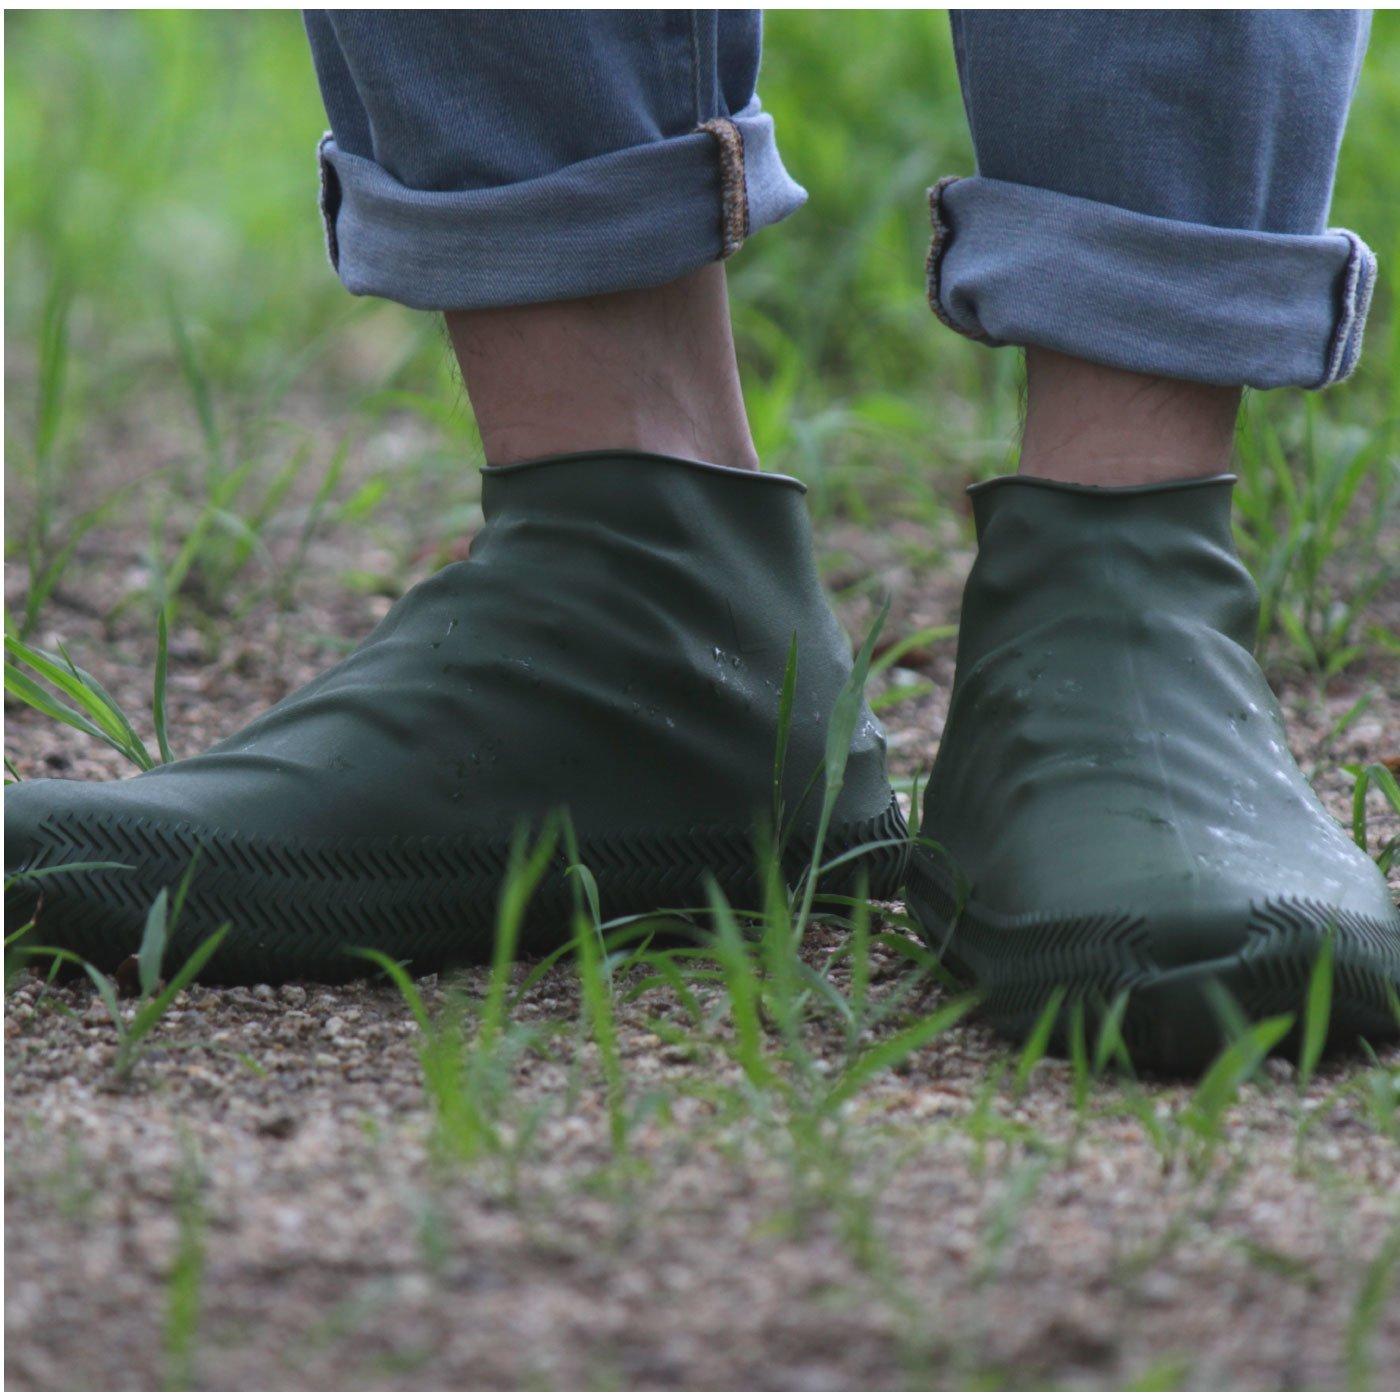 KATEVA+(カテバプラス) 履いている靴にかぶせるだけ! 雨の日シリコーンシューズカバー Lサイズ